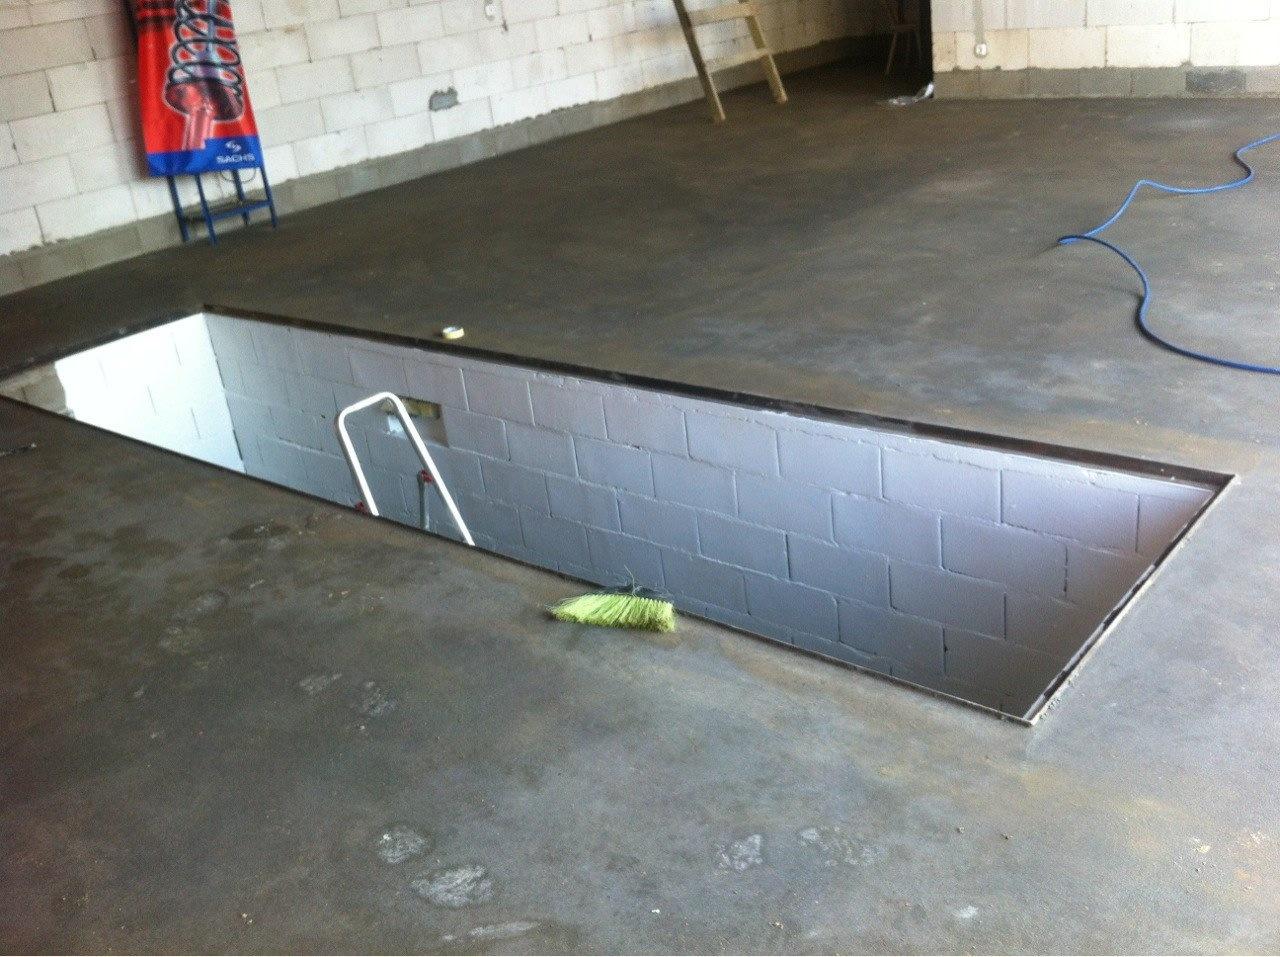 стало смотровая яма в гараже фото термо-шеллака